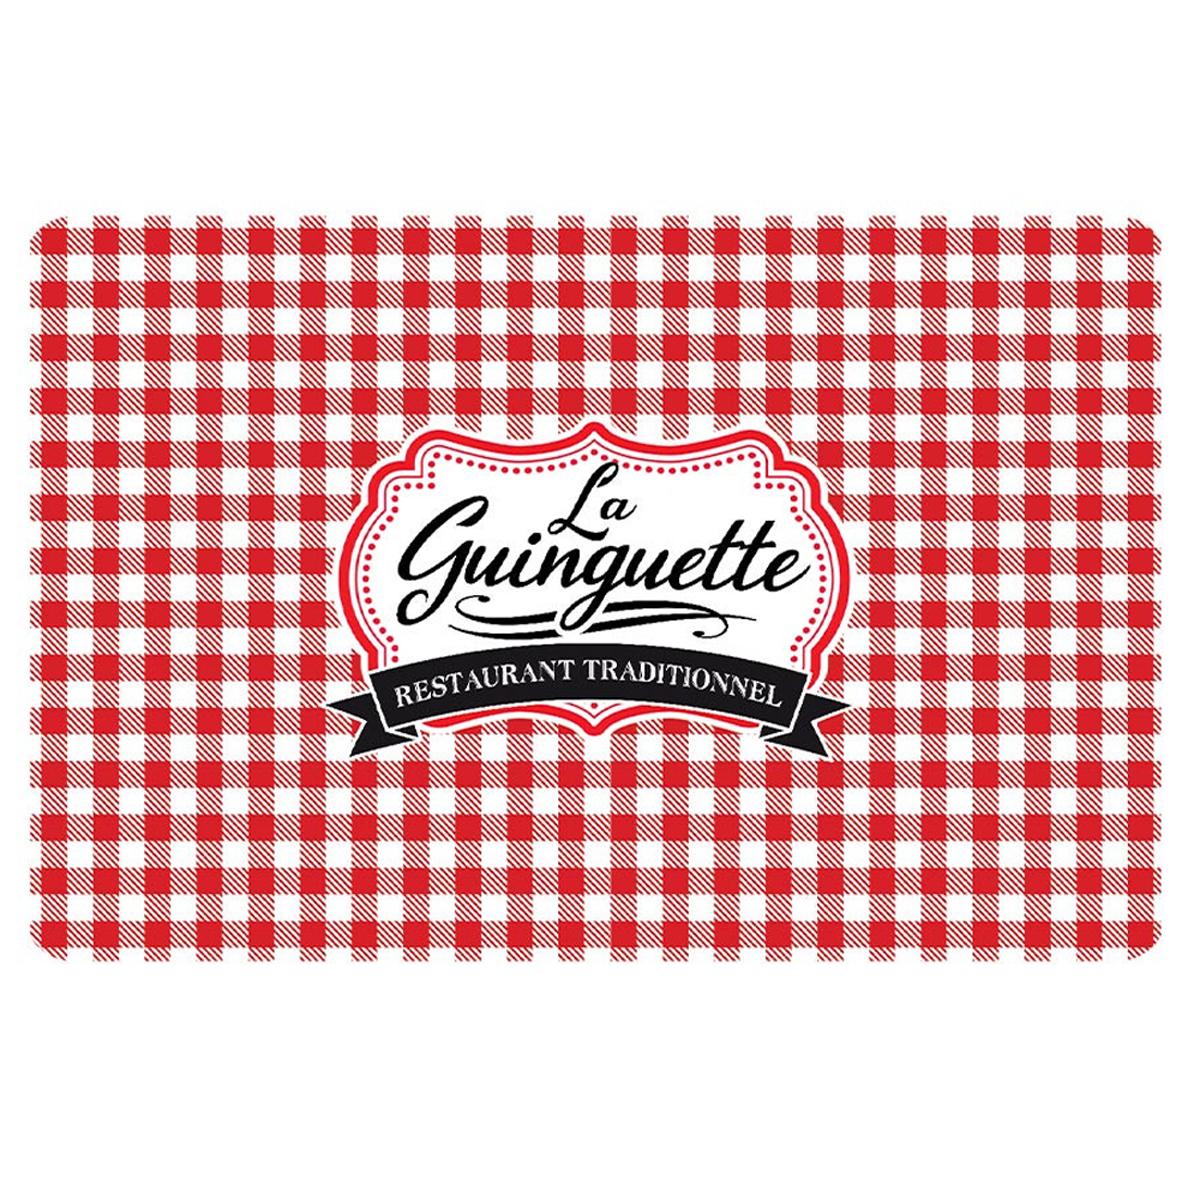 Set de table \'La Guinguette\' carreaux rouge blanc - 43x28 cm - [A1897]